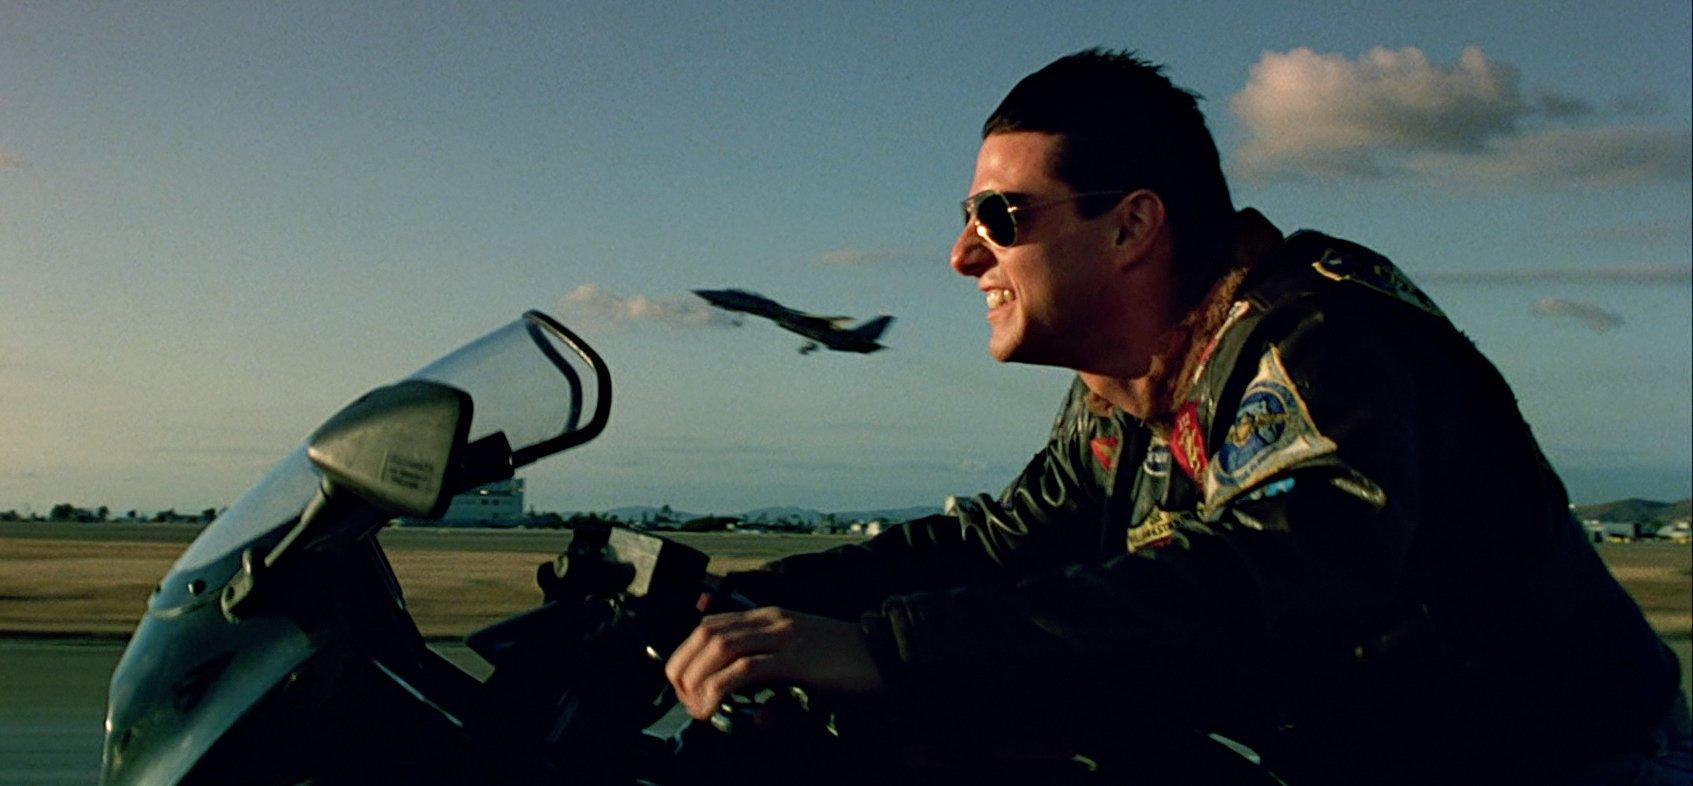 พวกหนังที่มีฉากเครื่องบินสู้รบกันสมัยก่อน อย่างเช่น Top Gun  เค้าถ่ายทำกันได้ยังไง - Pantip